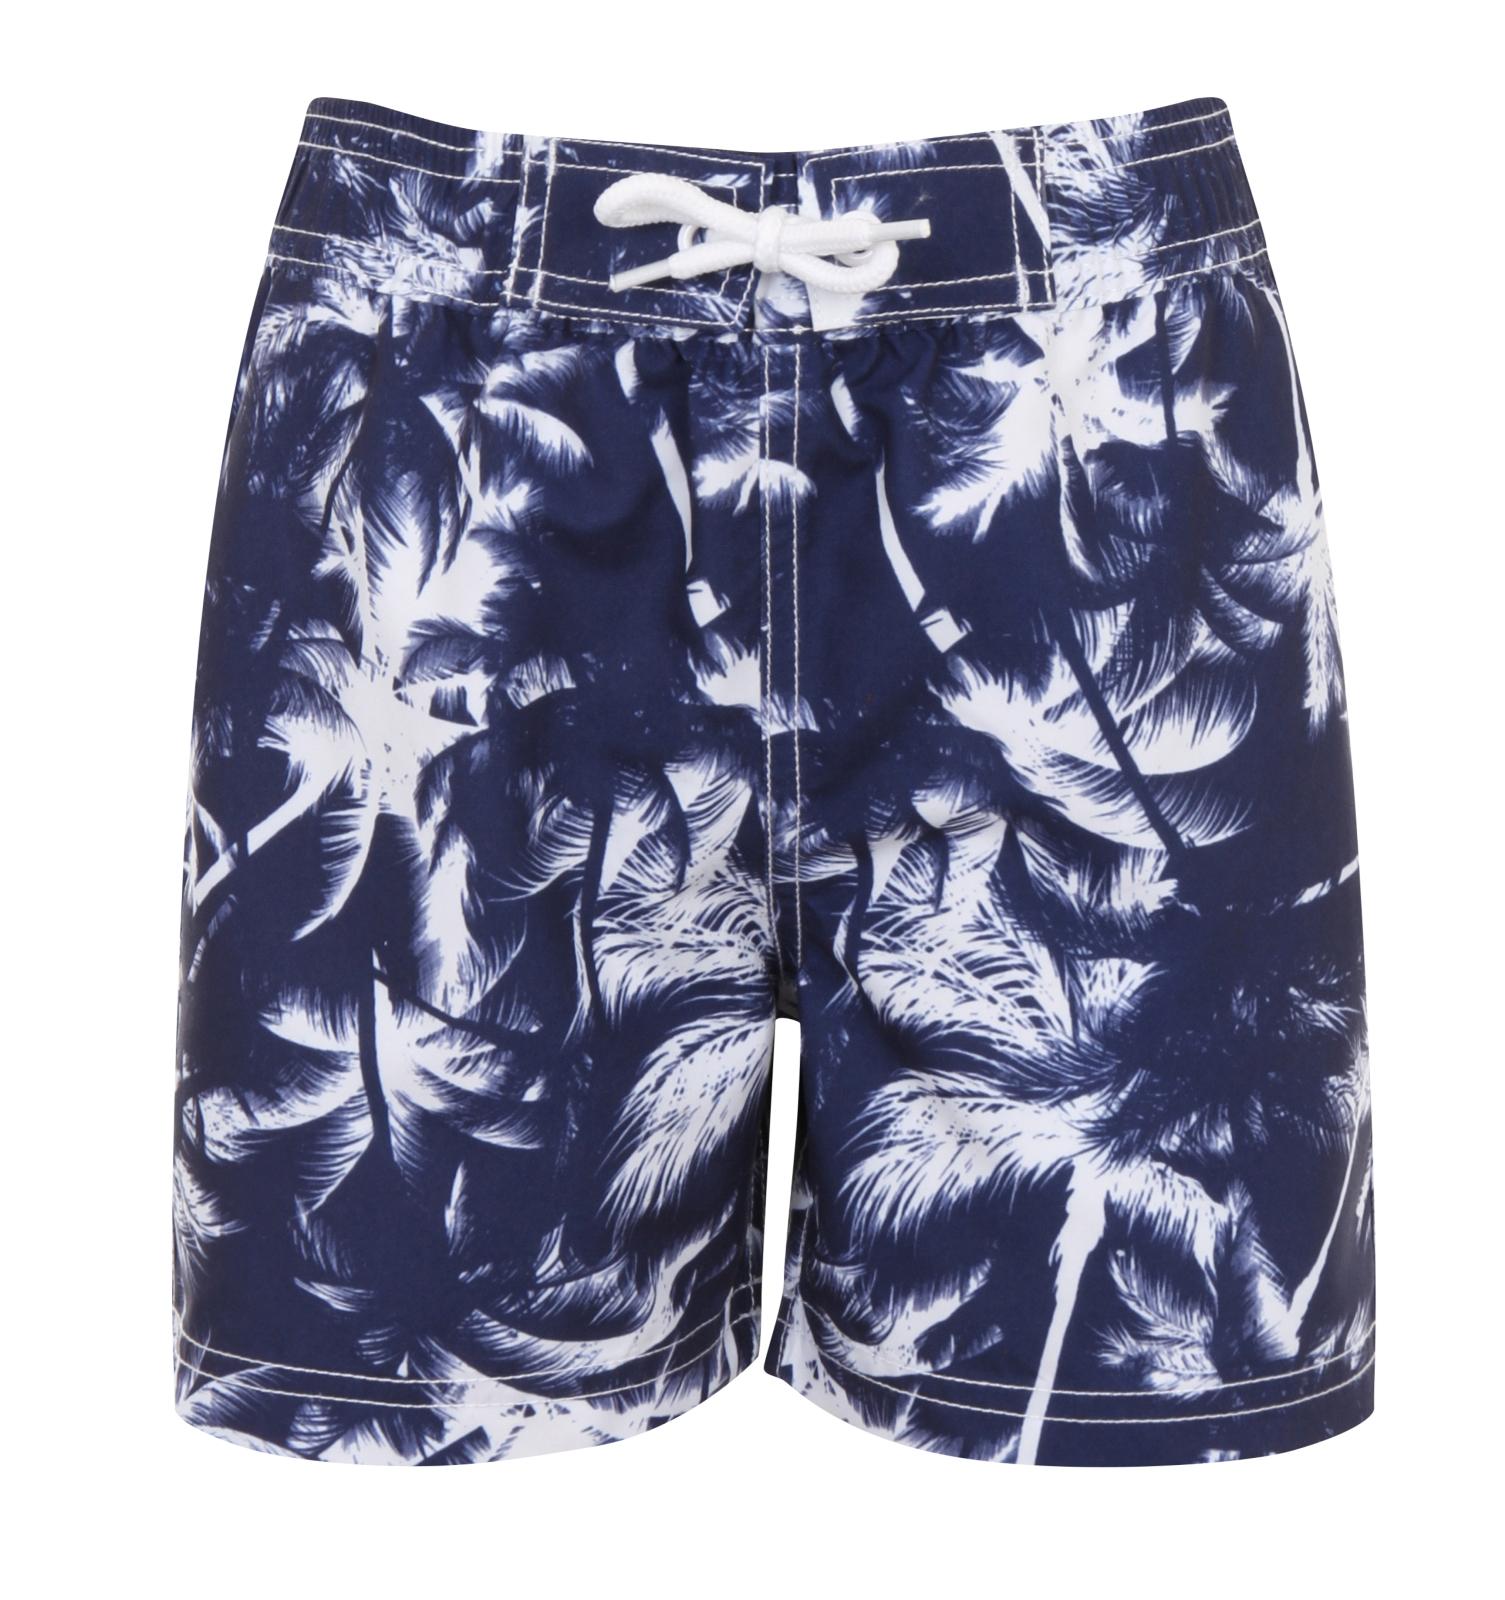 Swim trunks for boys